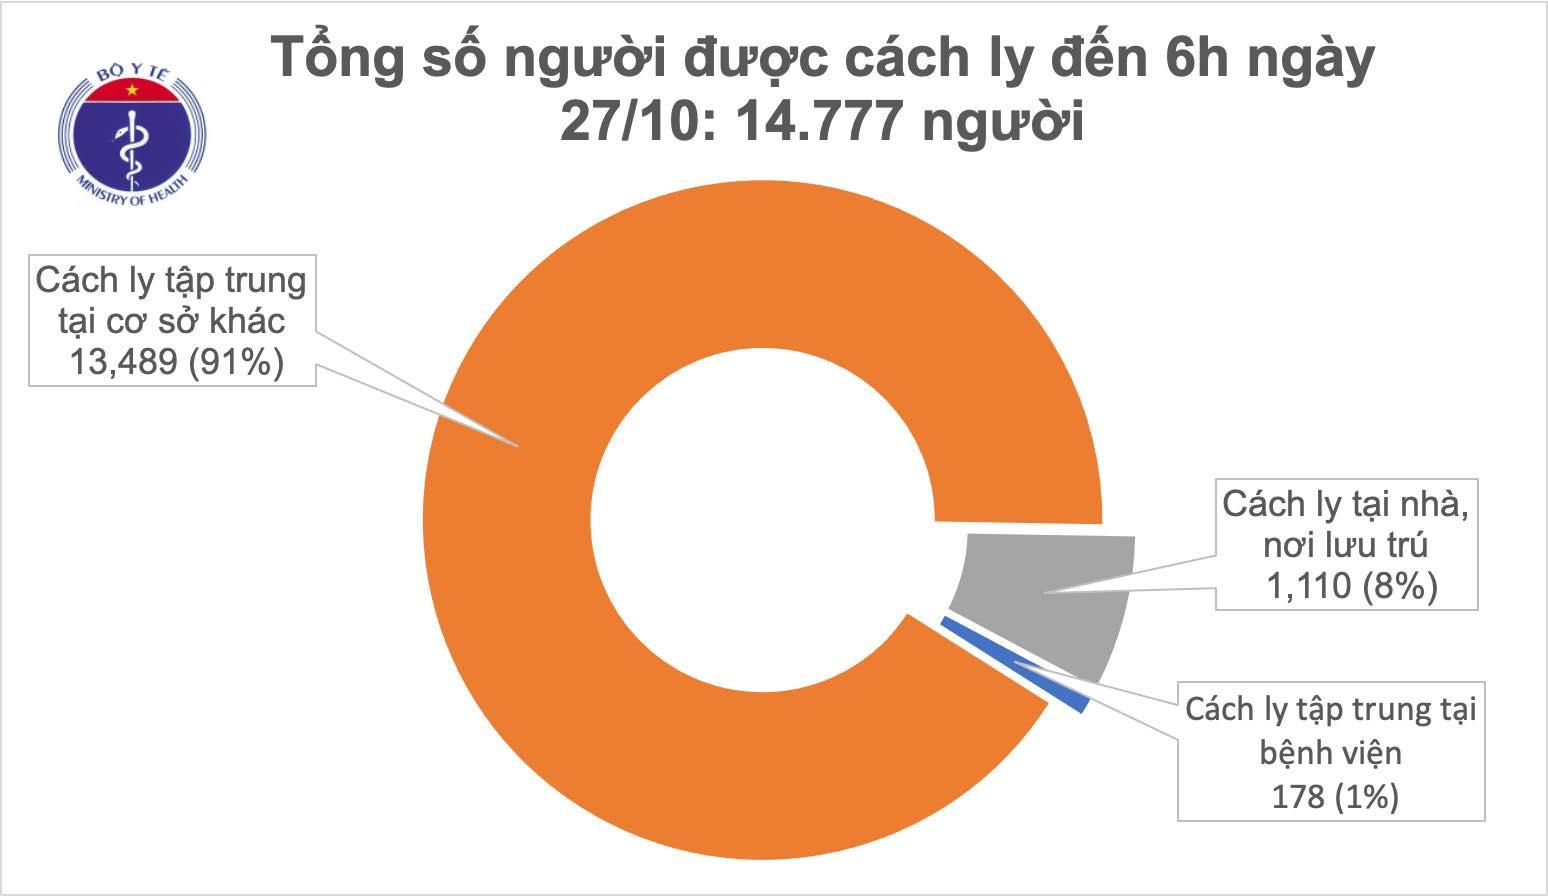 55 ngày Việt Nam không ghi nhận ca mắc COVID-19 ở cộng đồng, 1.061 bệnh nhân được chữa khỏi 0